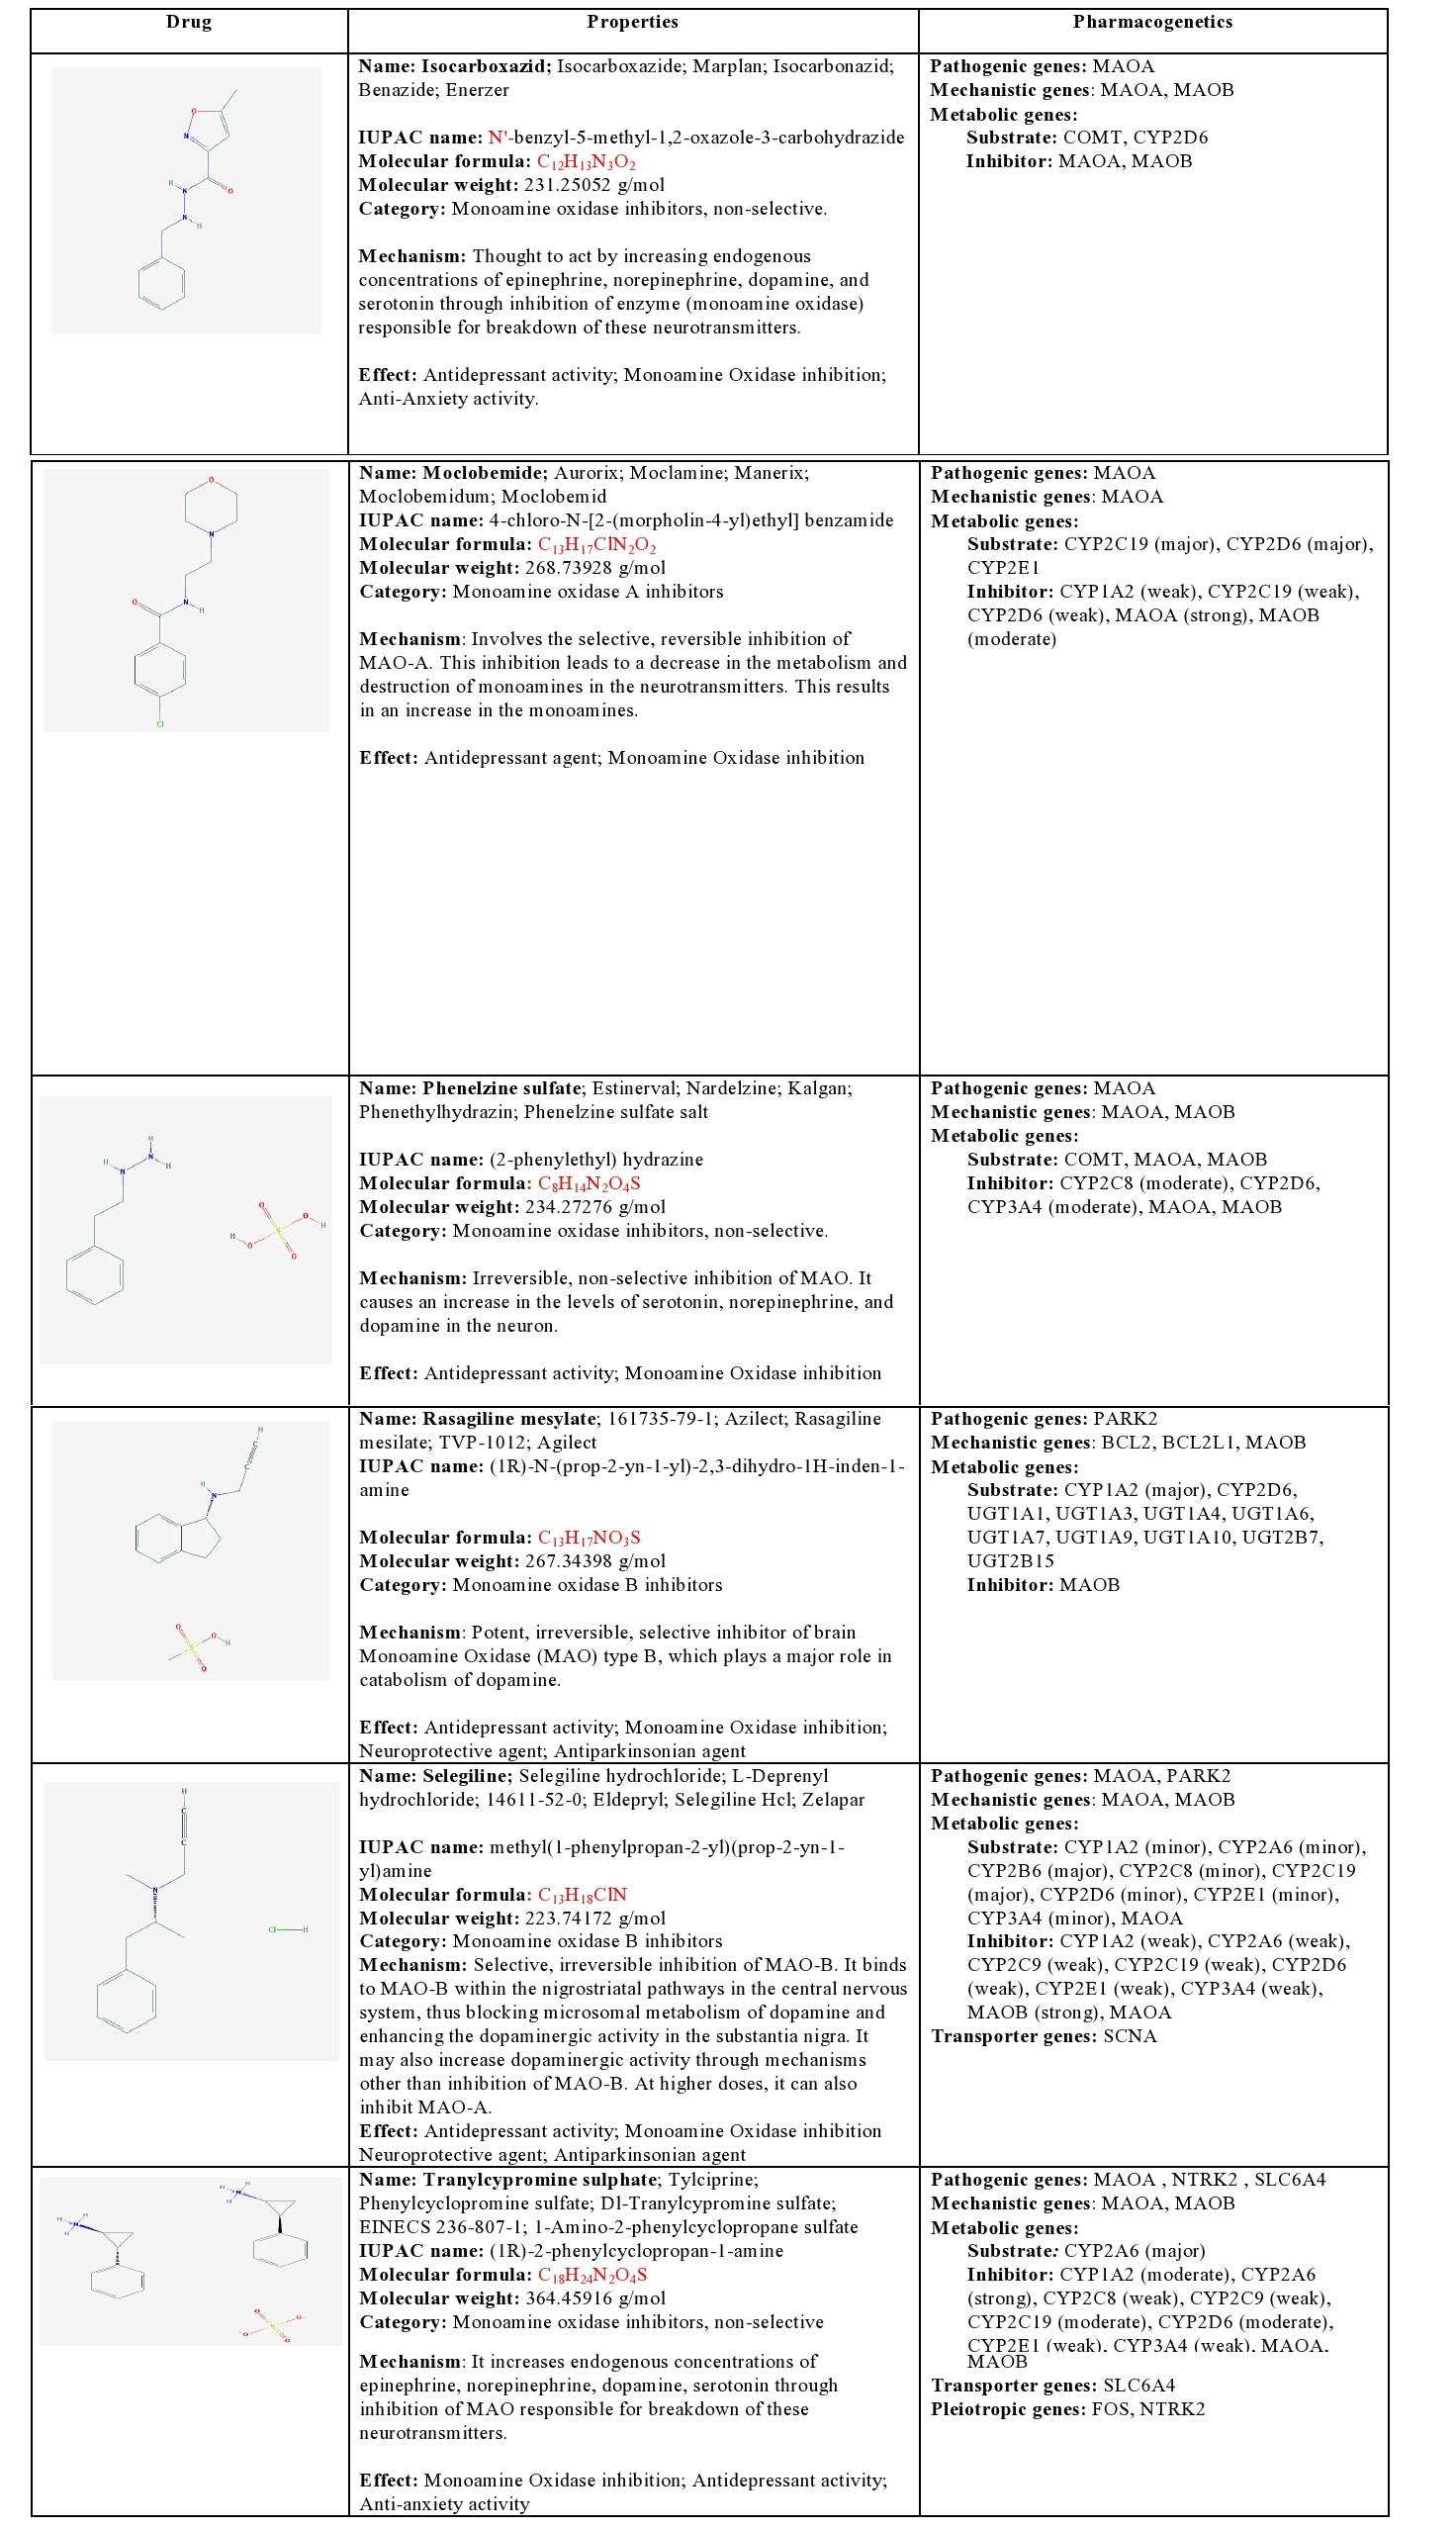 Pharmacogenomics of Antidepressants